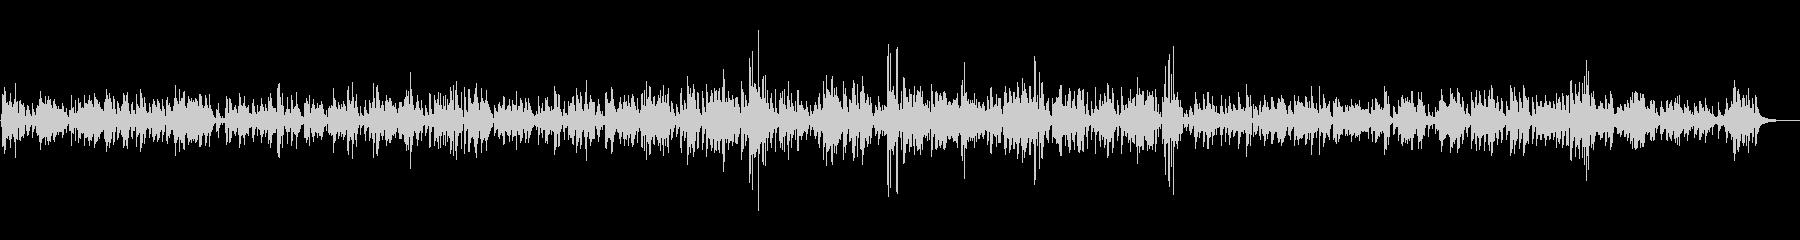 ラウンジ・バーで流れる上品なジャズBGMの未再生の波形